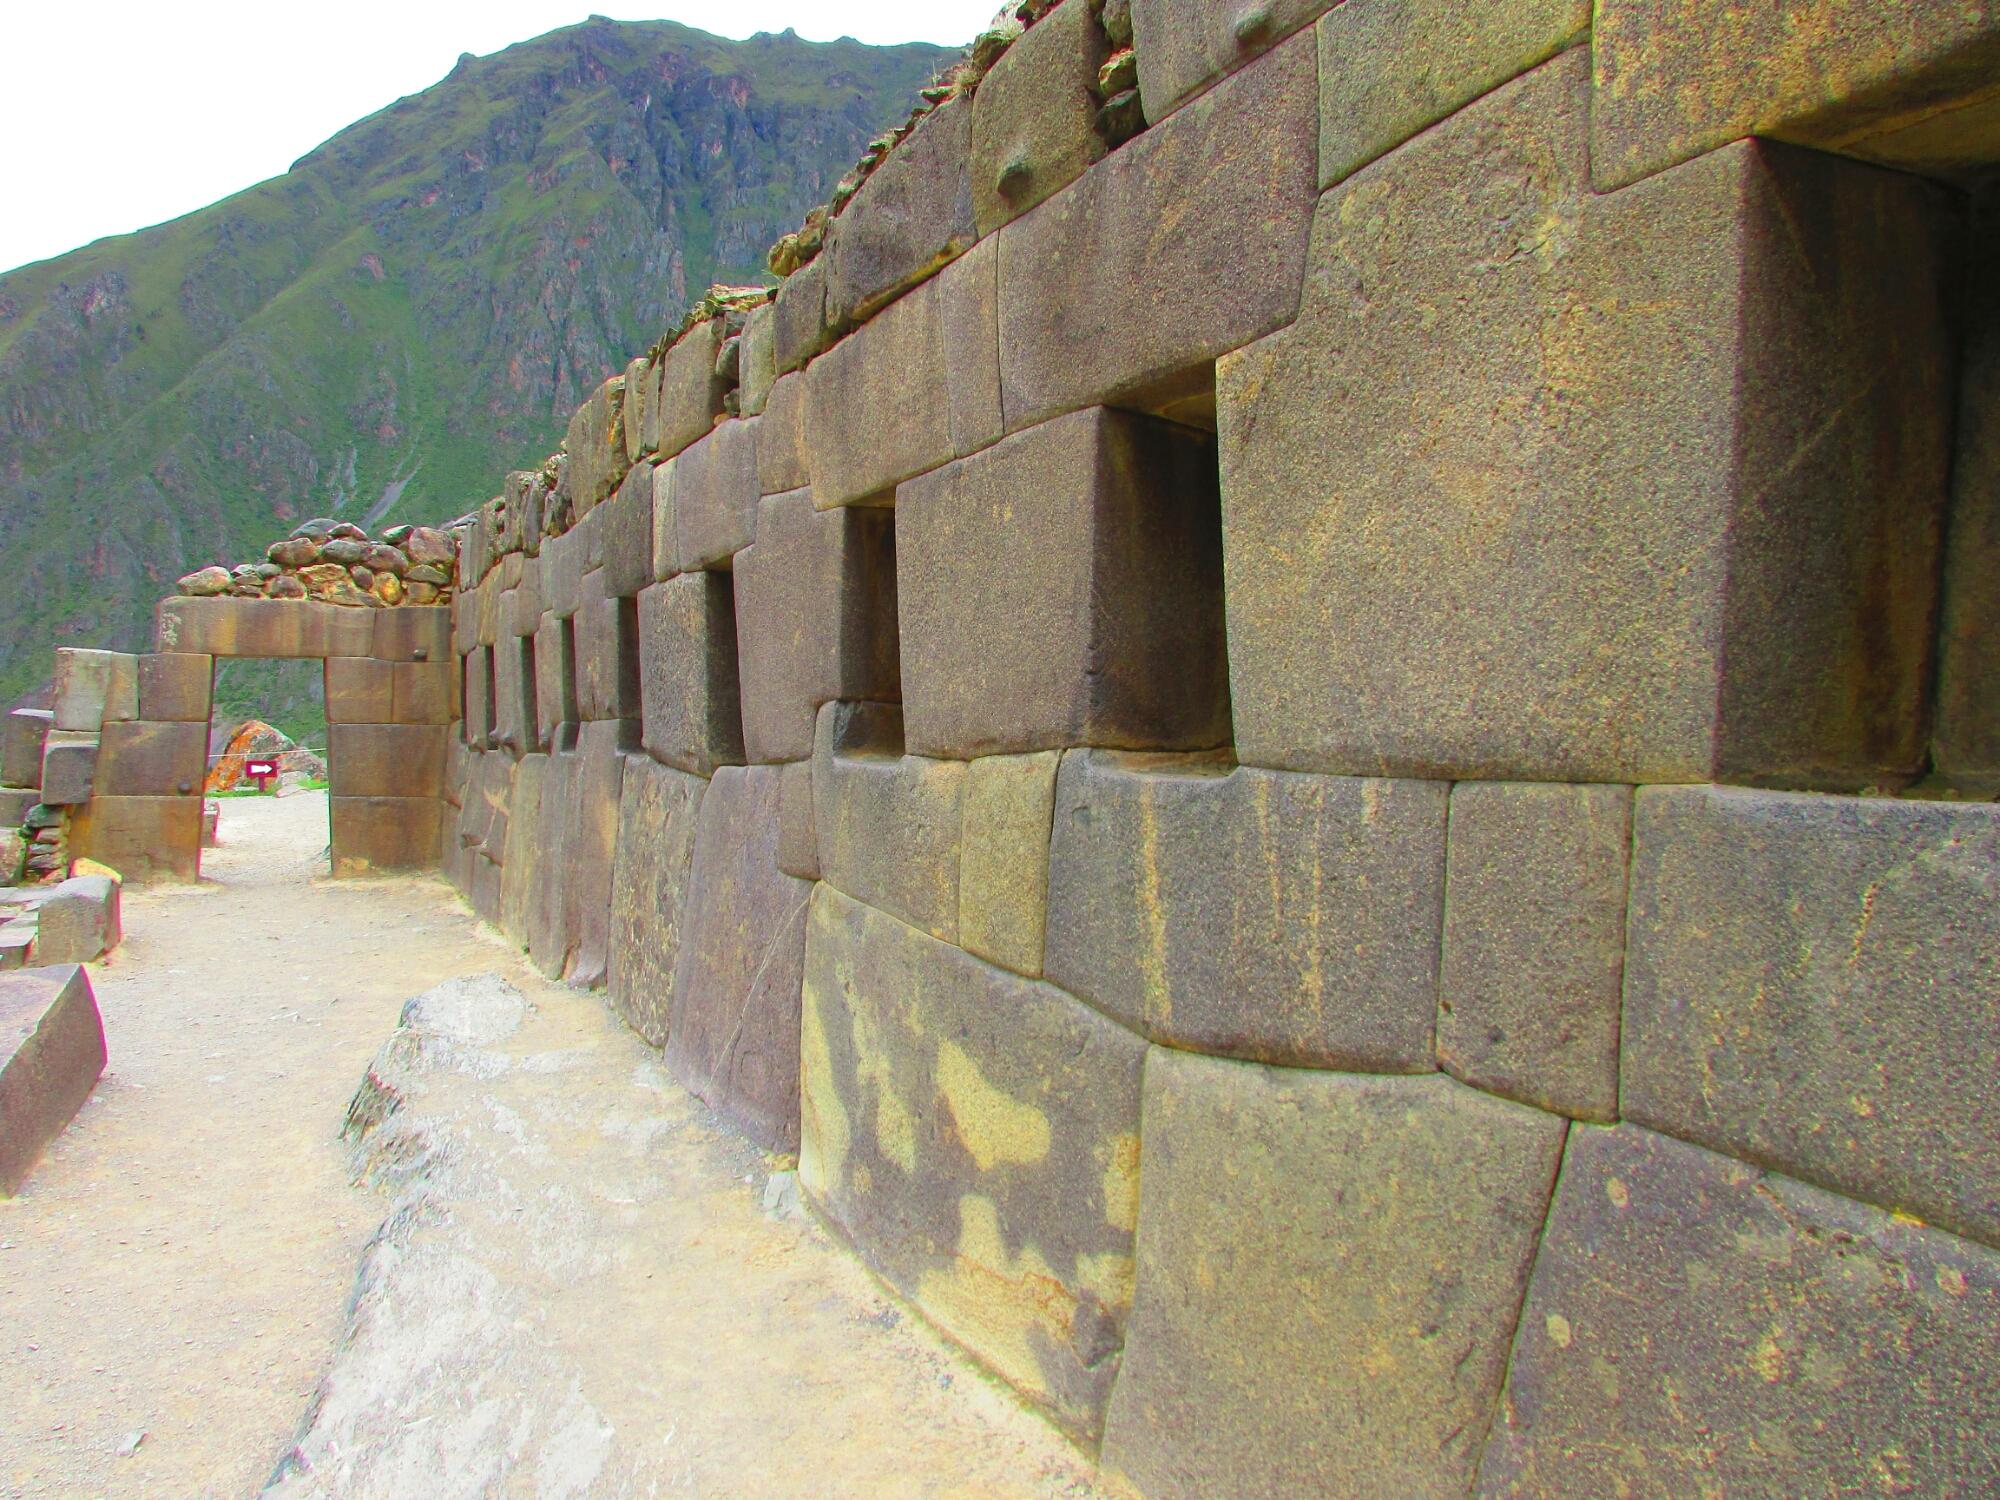 pared con piedras encajadas y portón en ruinas incas de Ollataytambo en el Valle Sagrado cerca de Cuzco